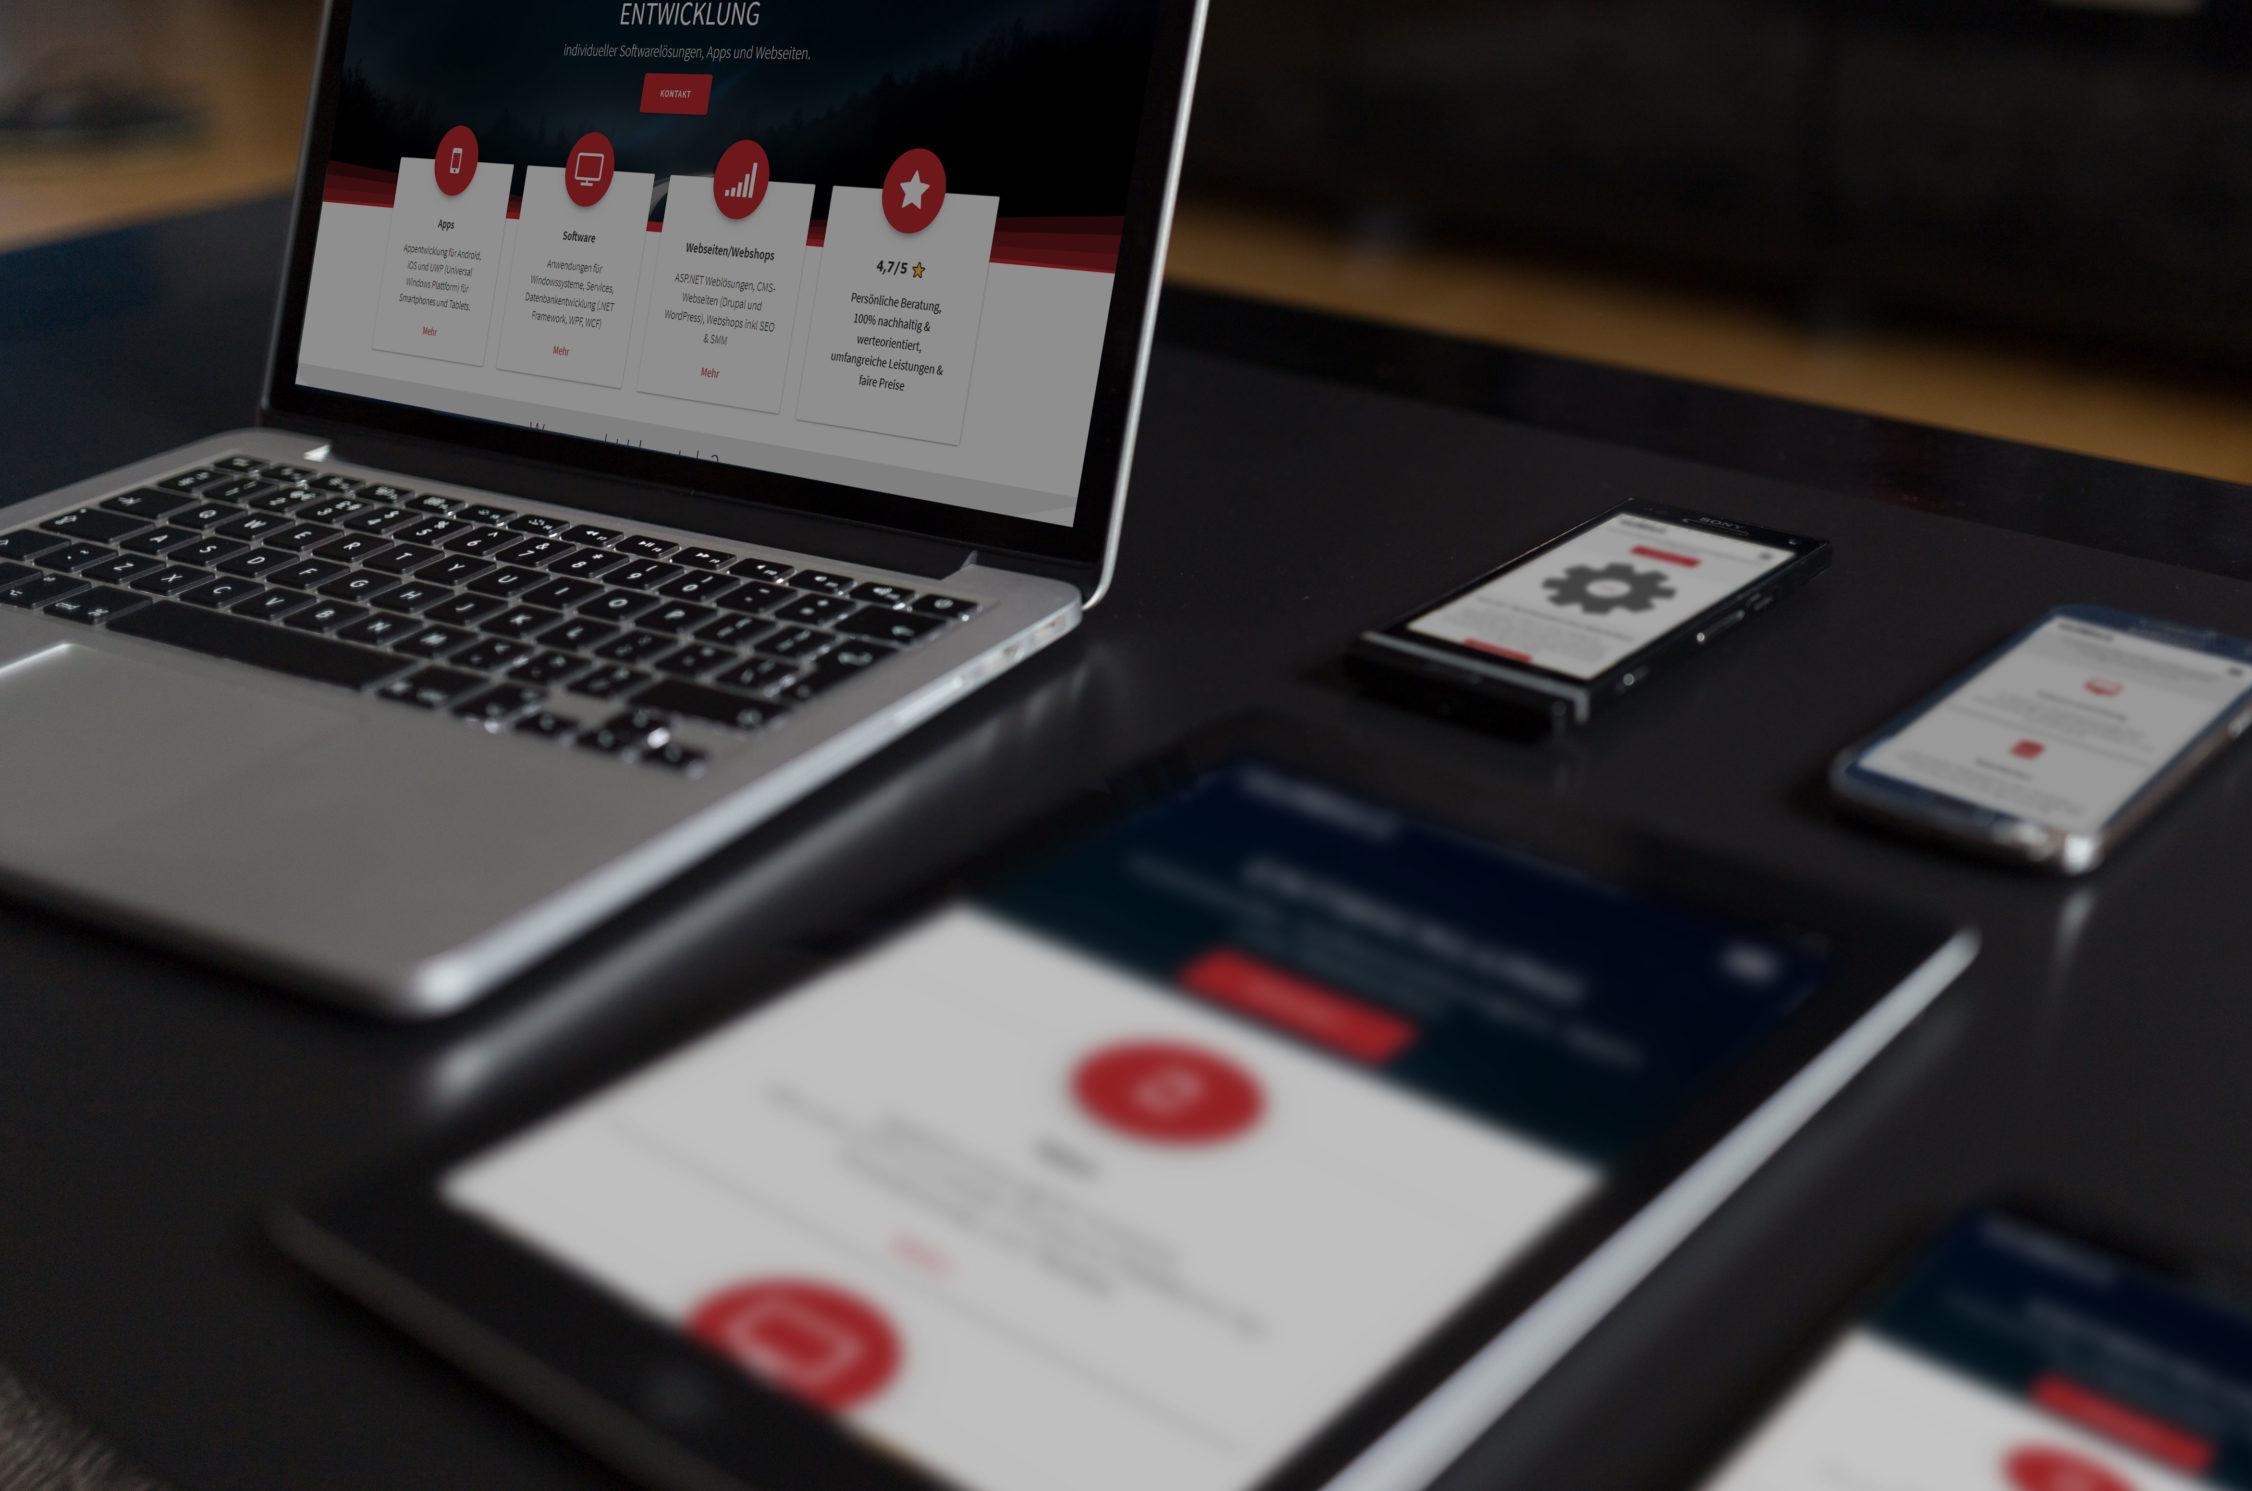 webdesign, webentwicklung, idunatek, webshops, responsive, an geräte angepasst, smartphone, laptop, wordpress, joomla